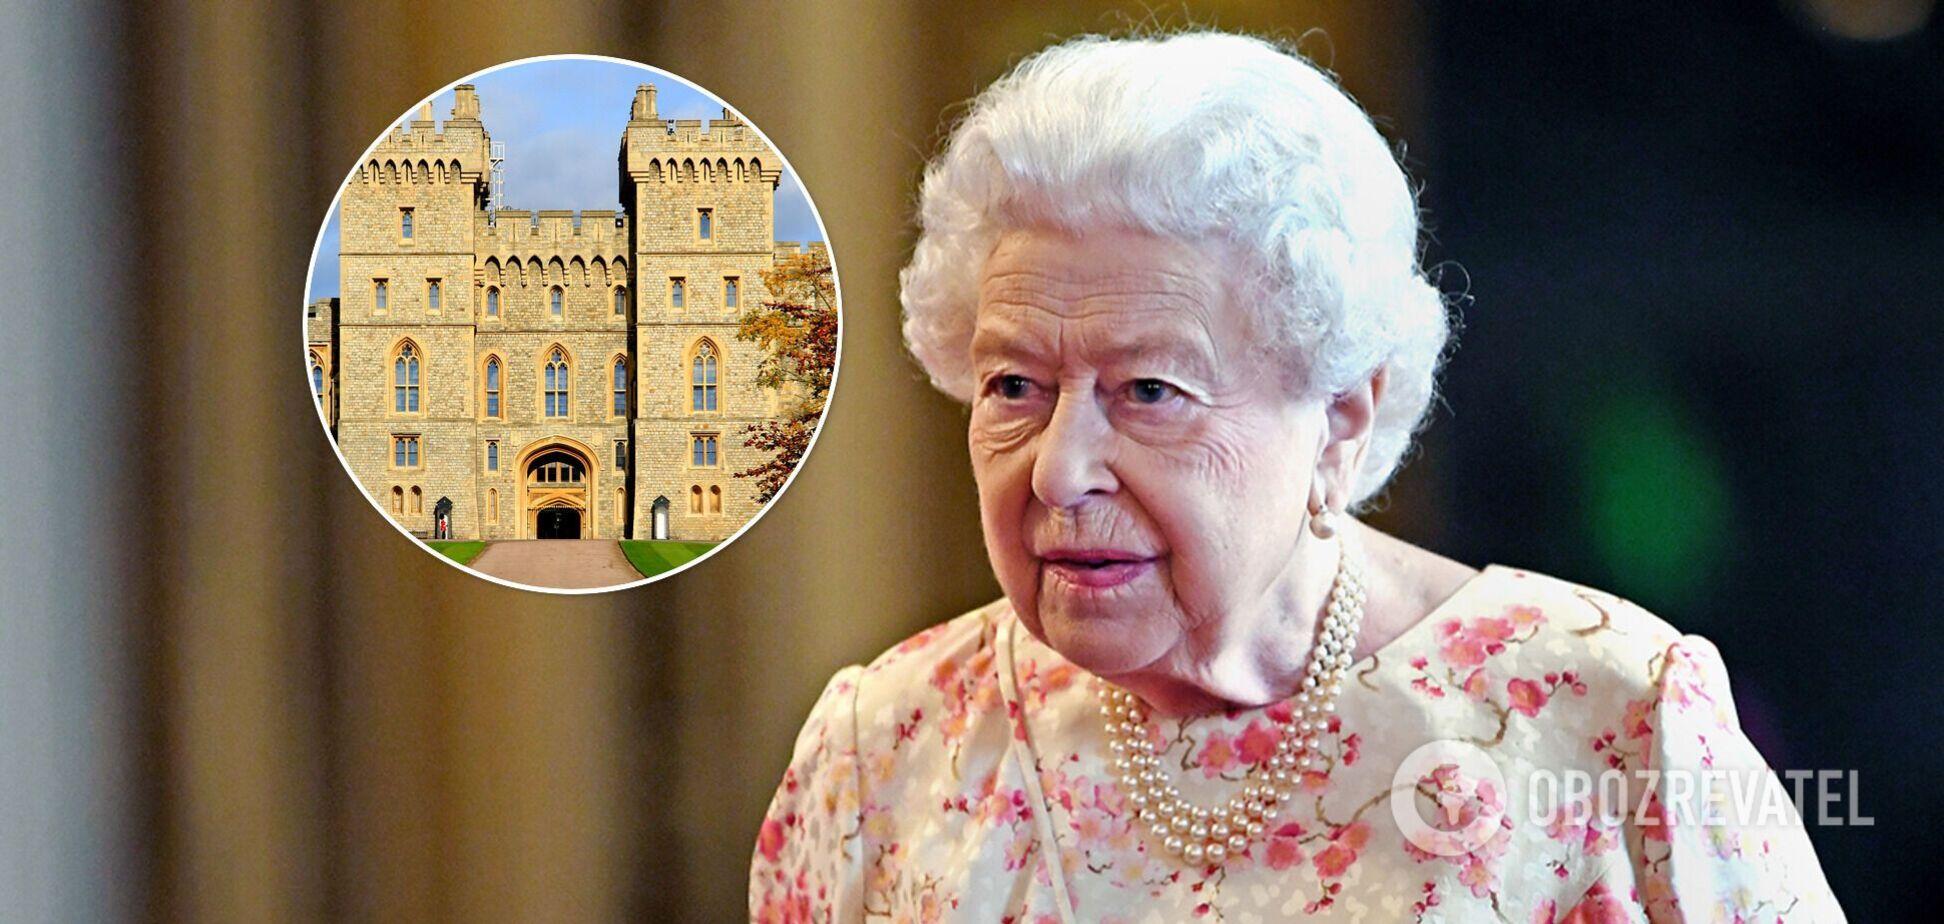 В поместье Елизаветы II проникли двое людей: их задержали